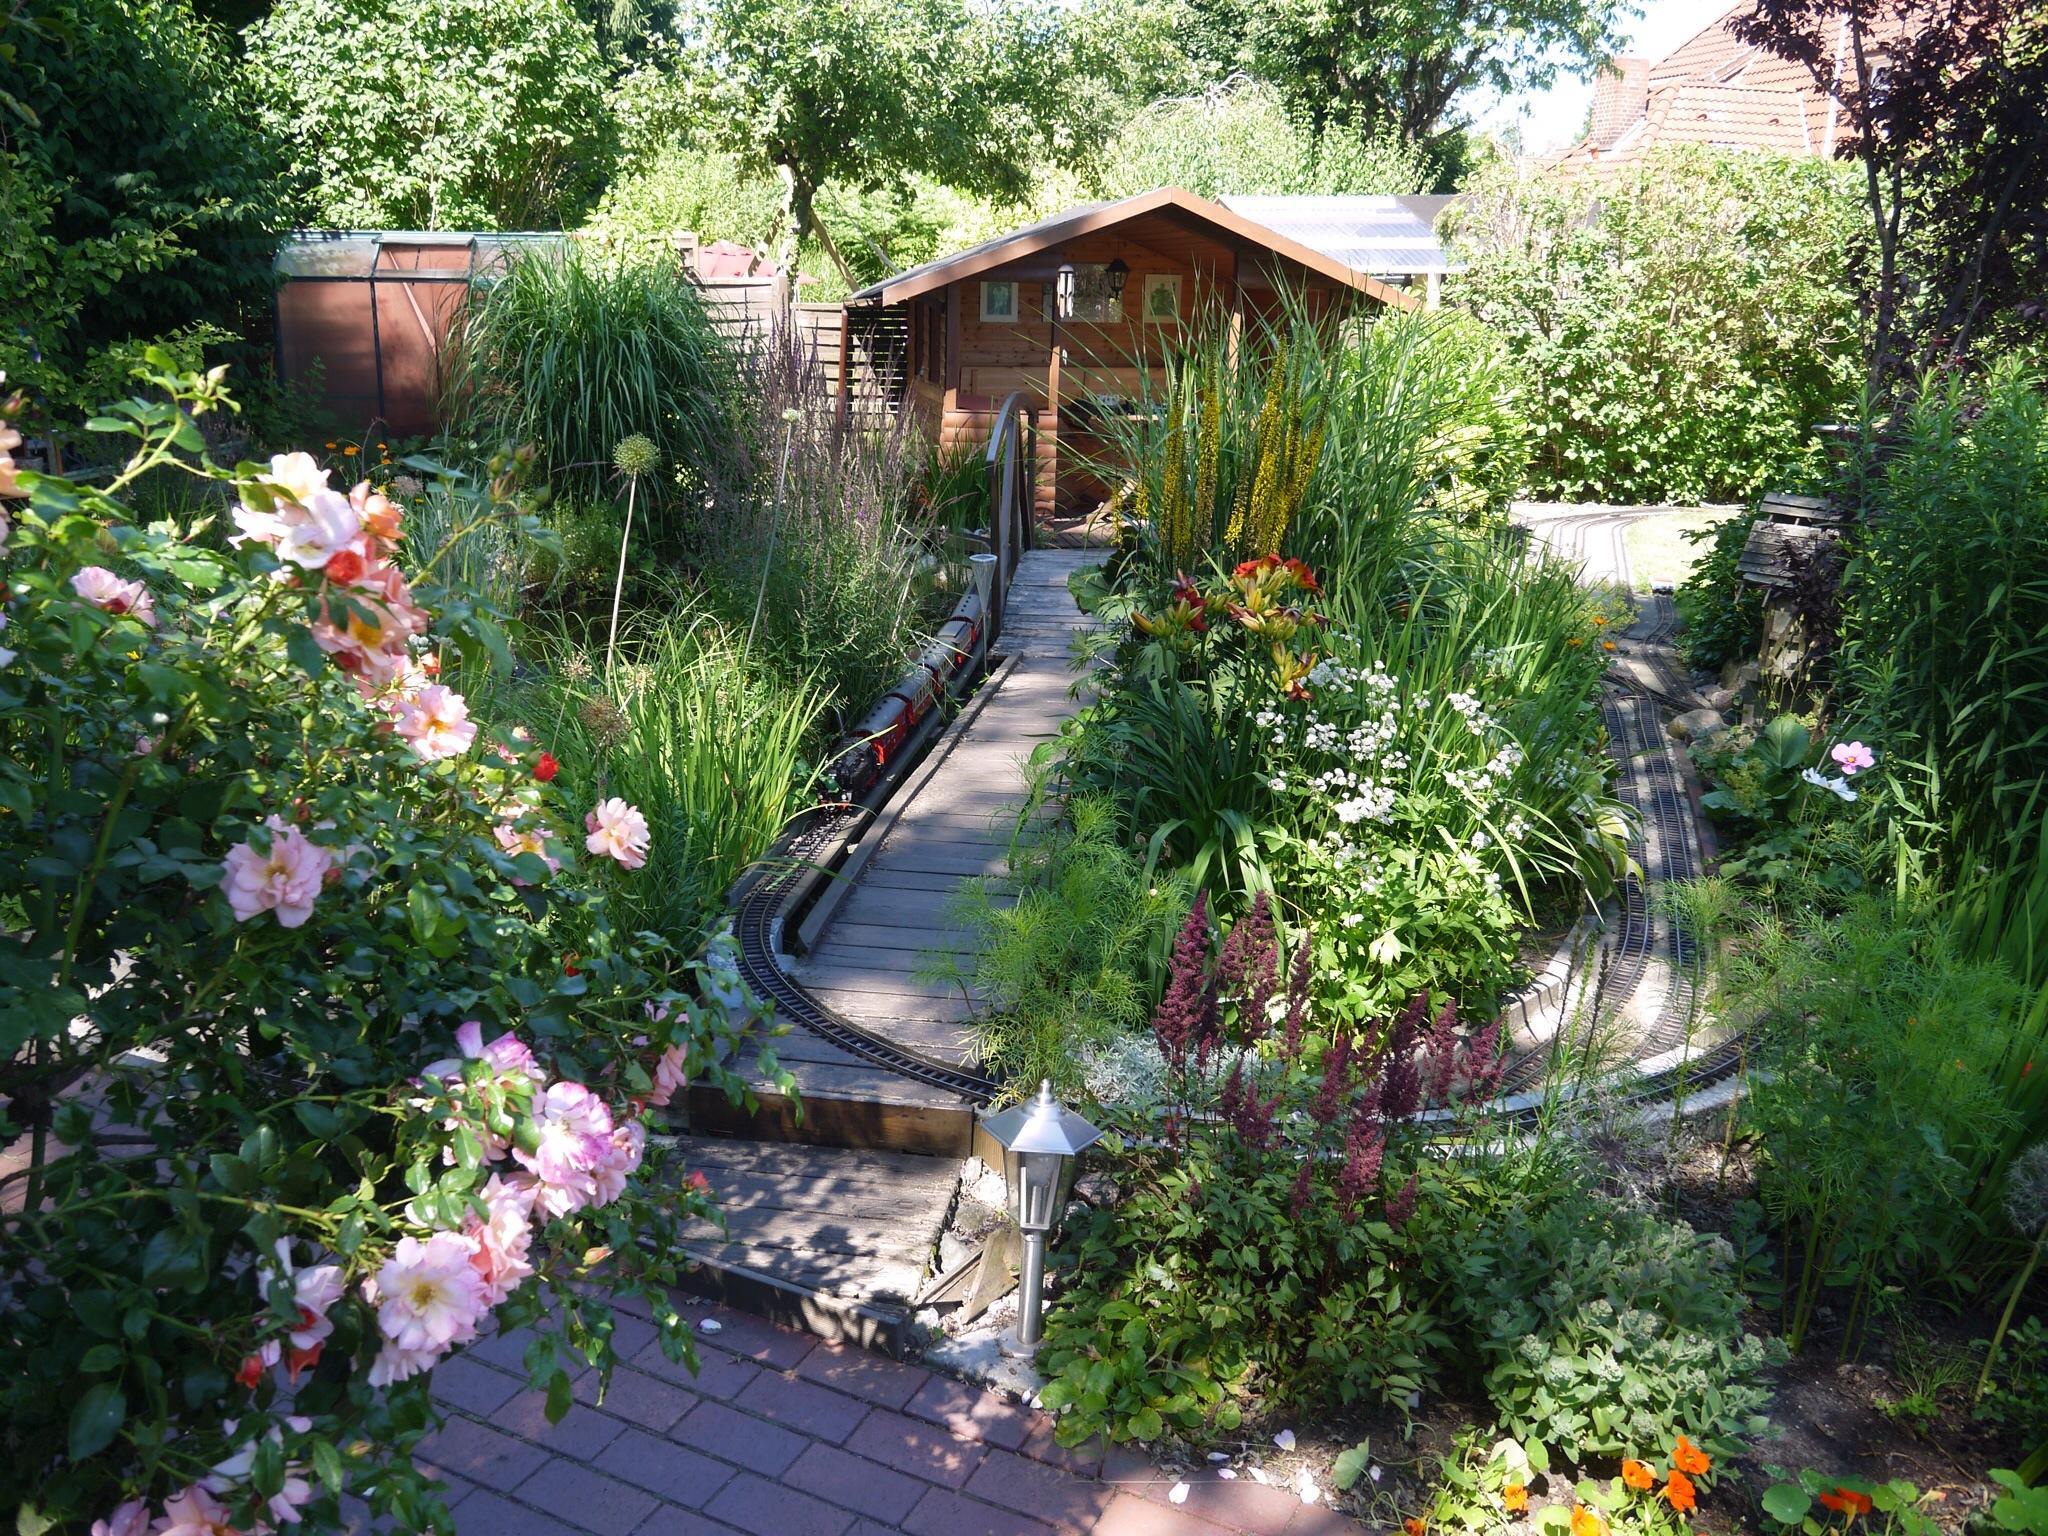 Gartenhaus bilder ideen couchstyle for Garten wand ideen